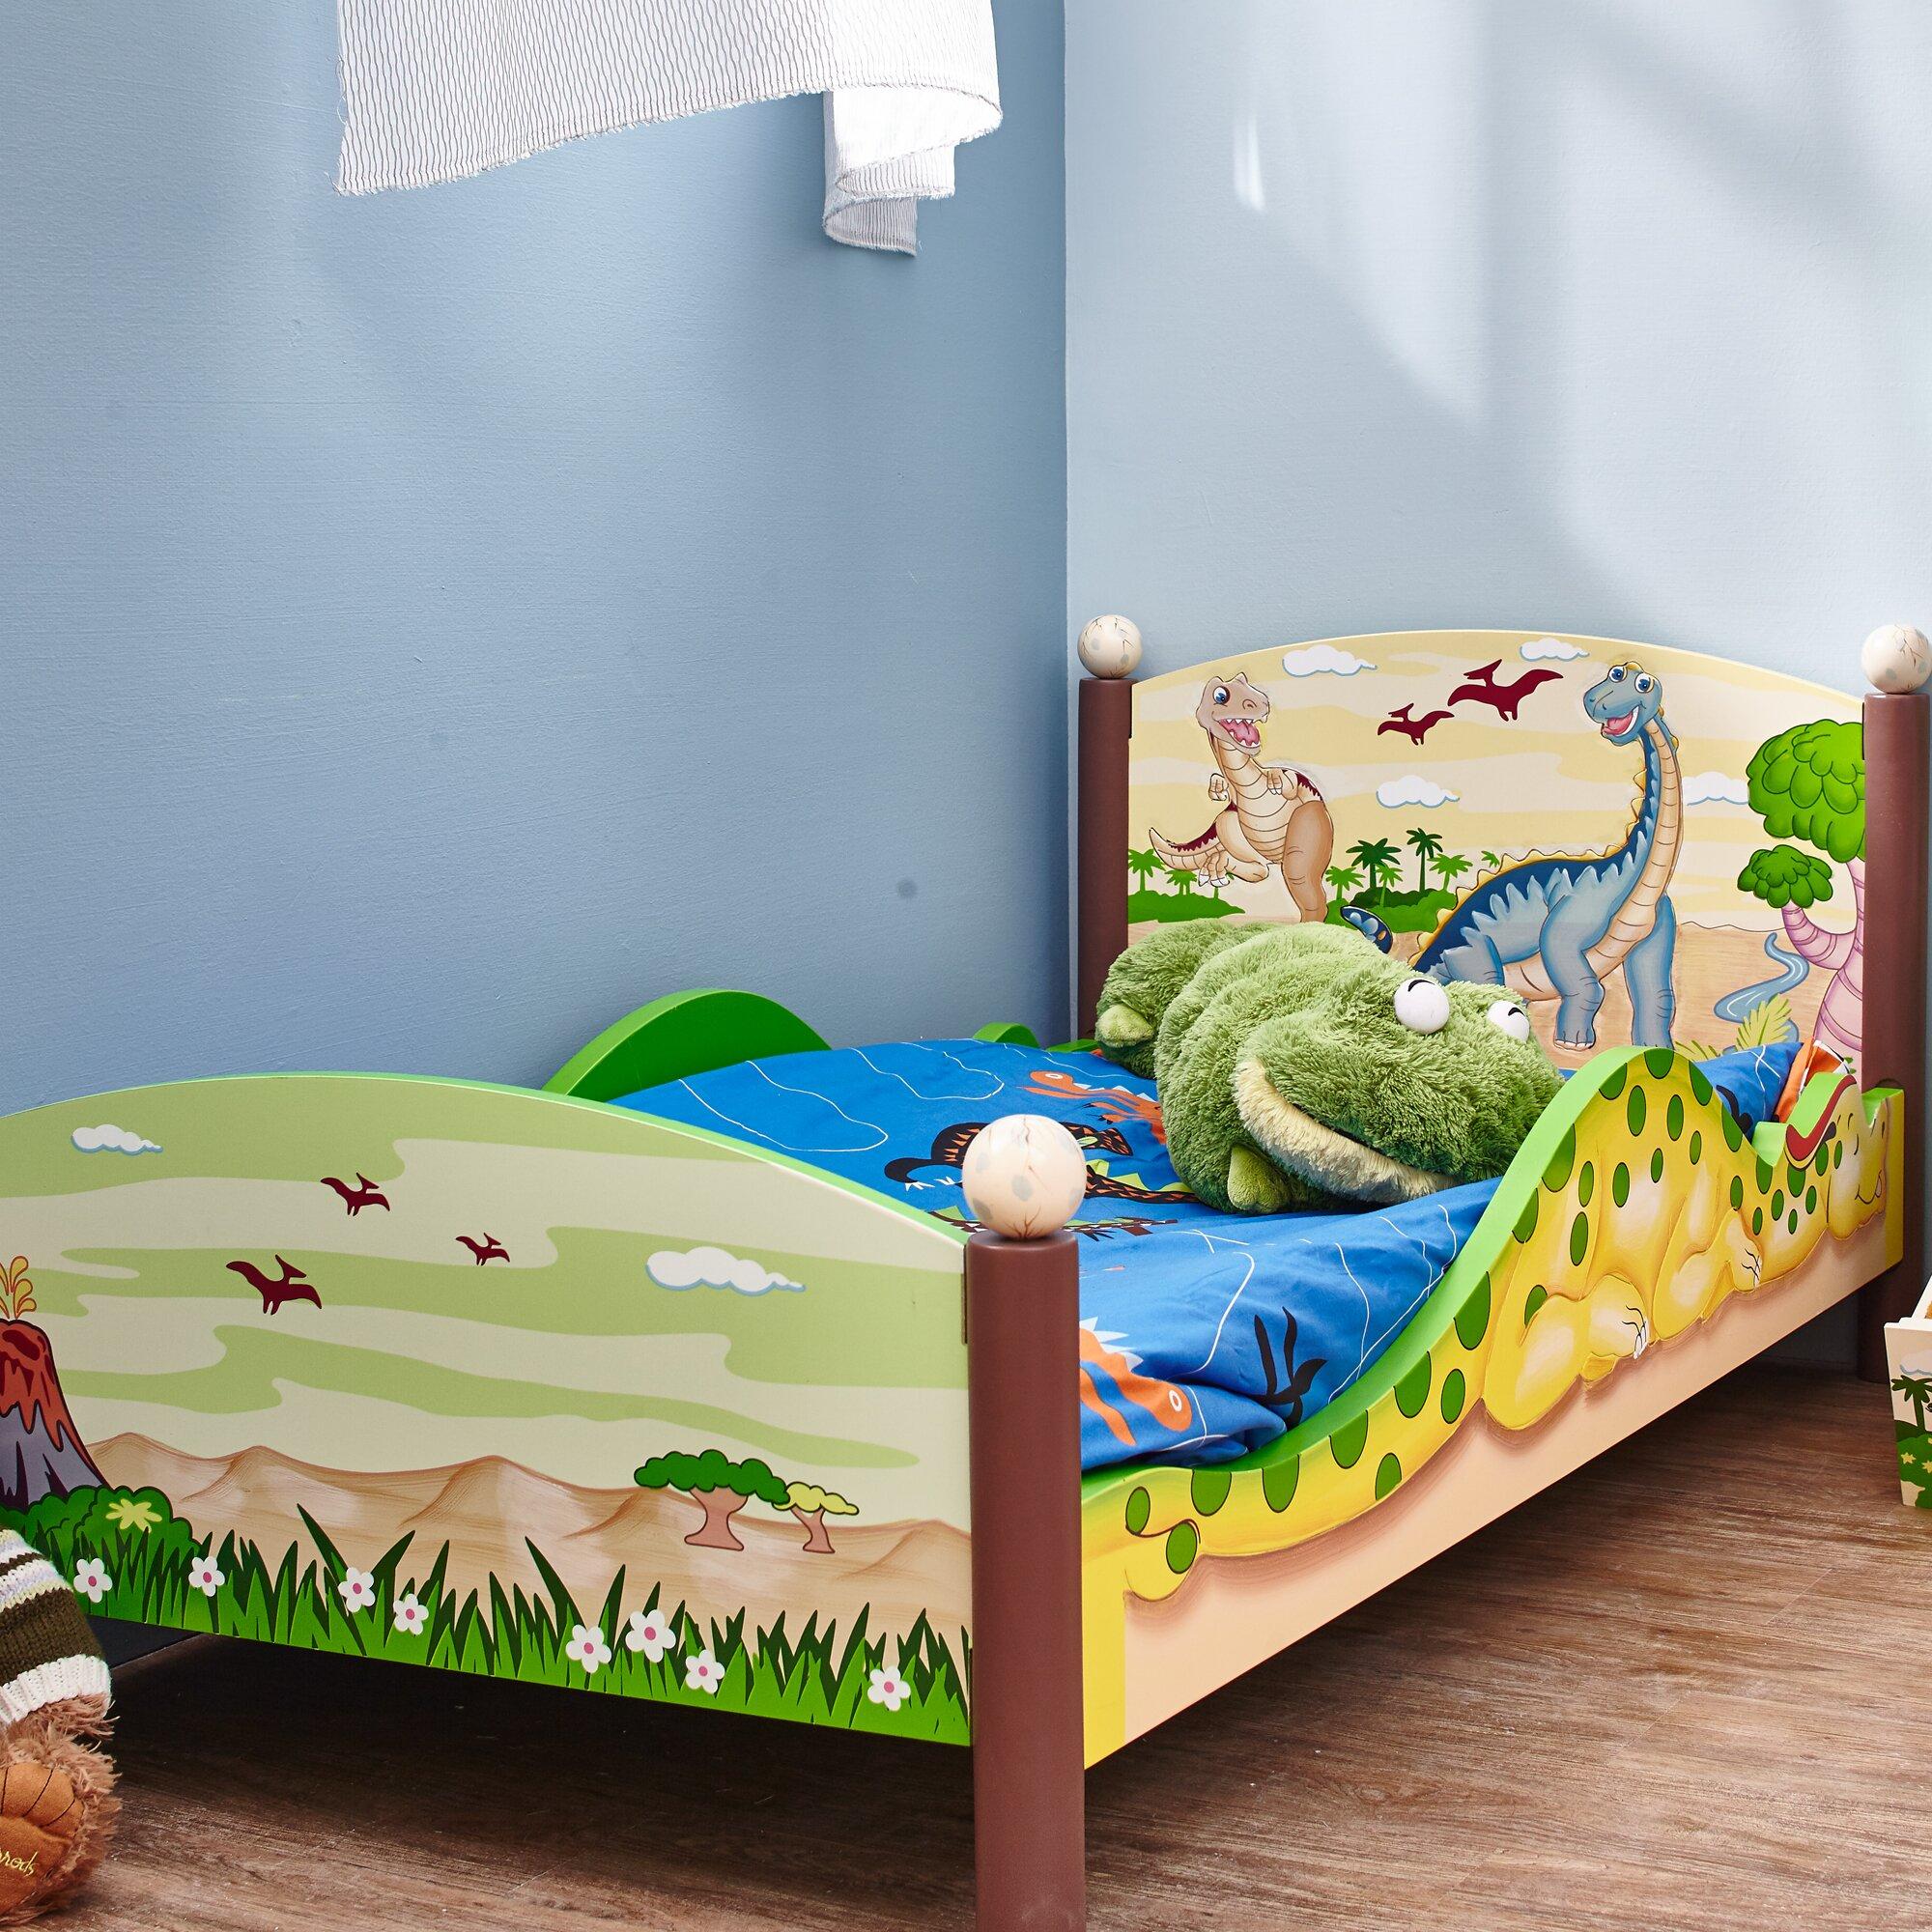 platform toddler bed - platform toddler beds you'll love wayfair